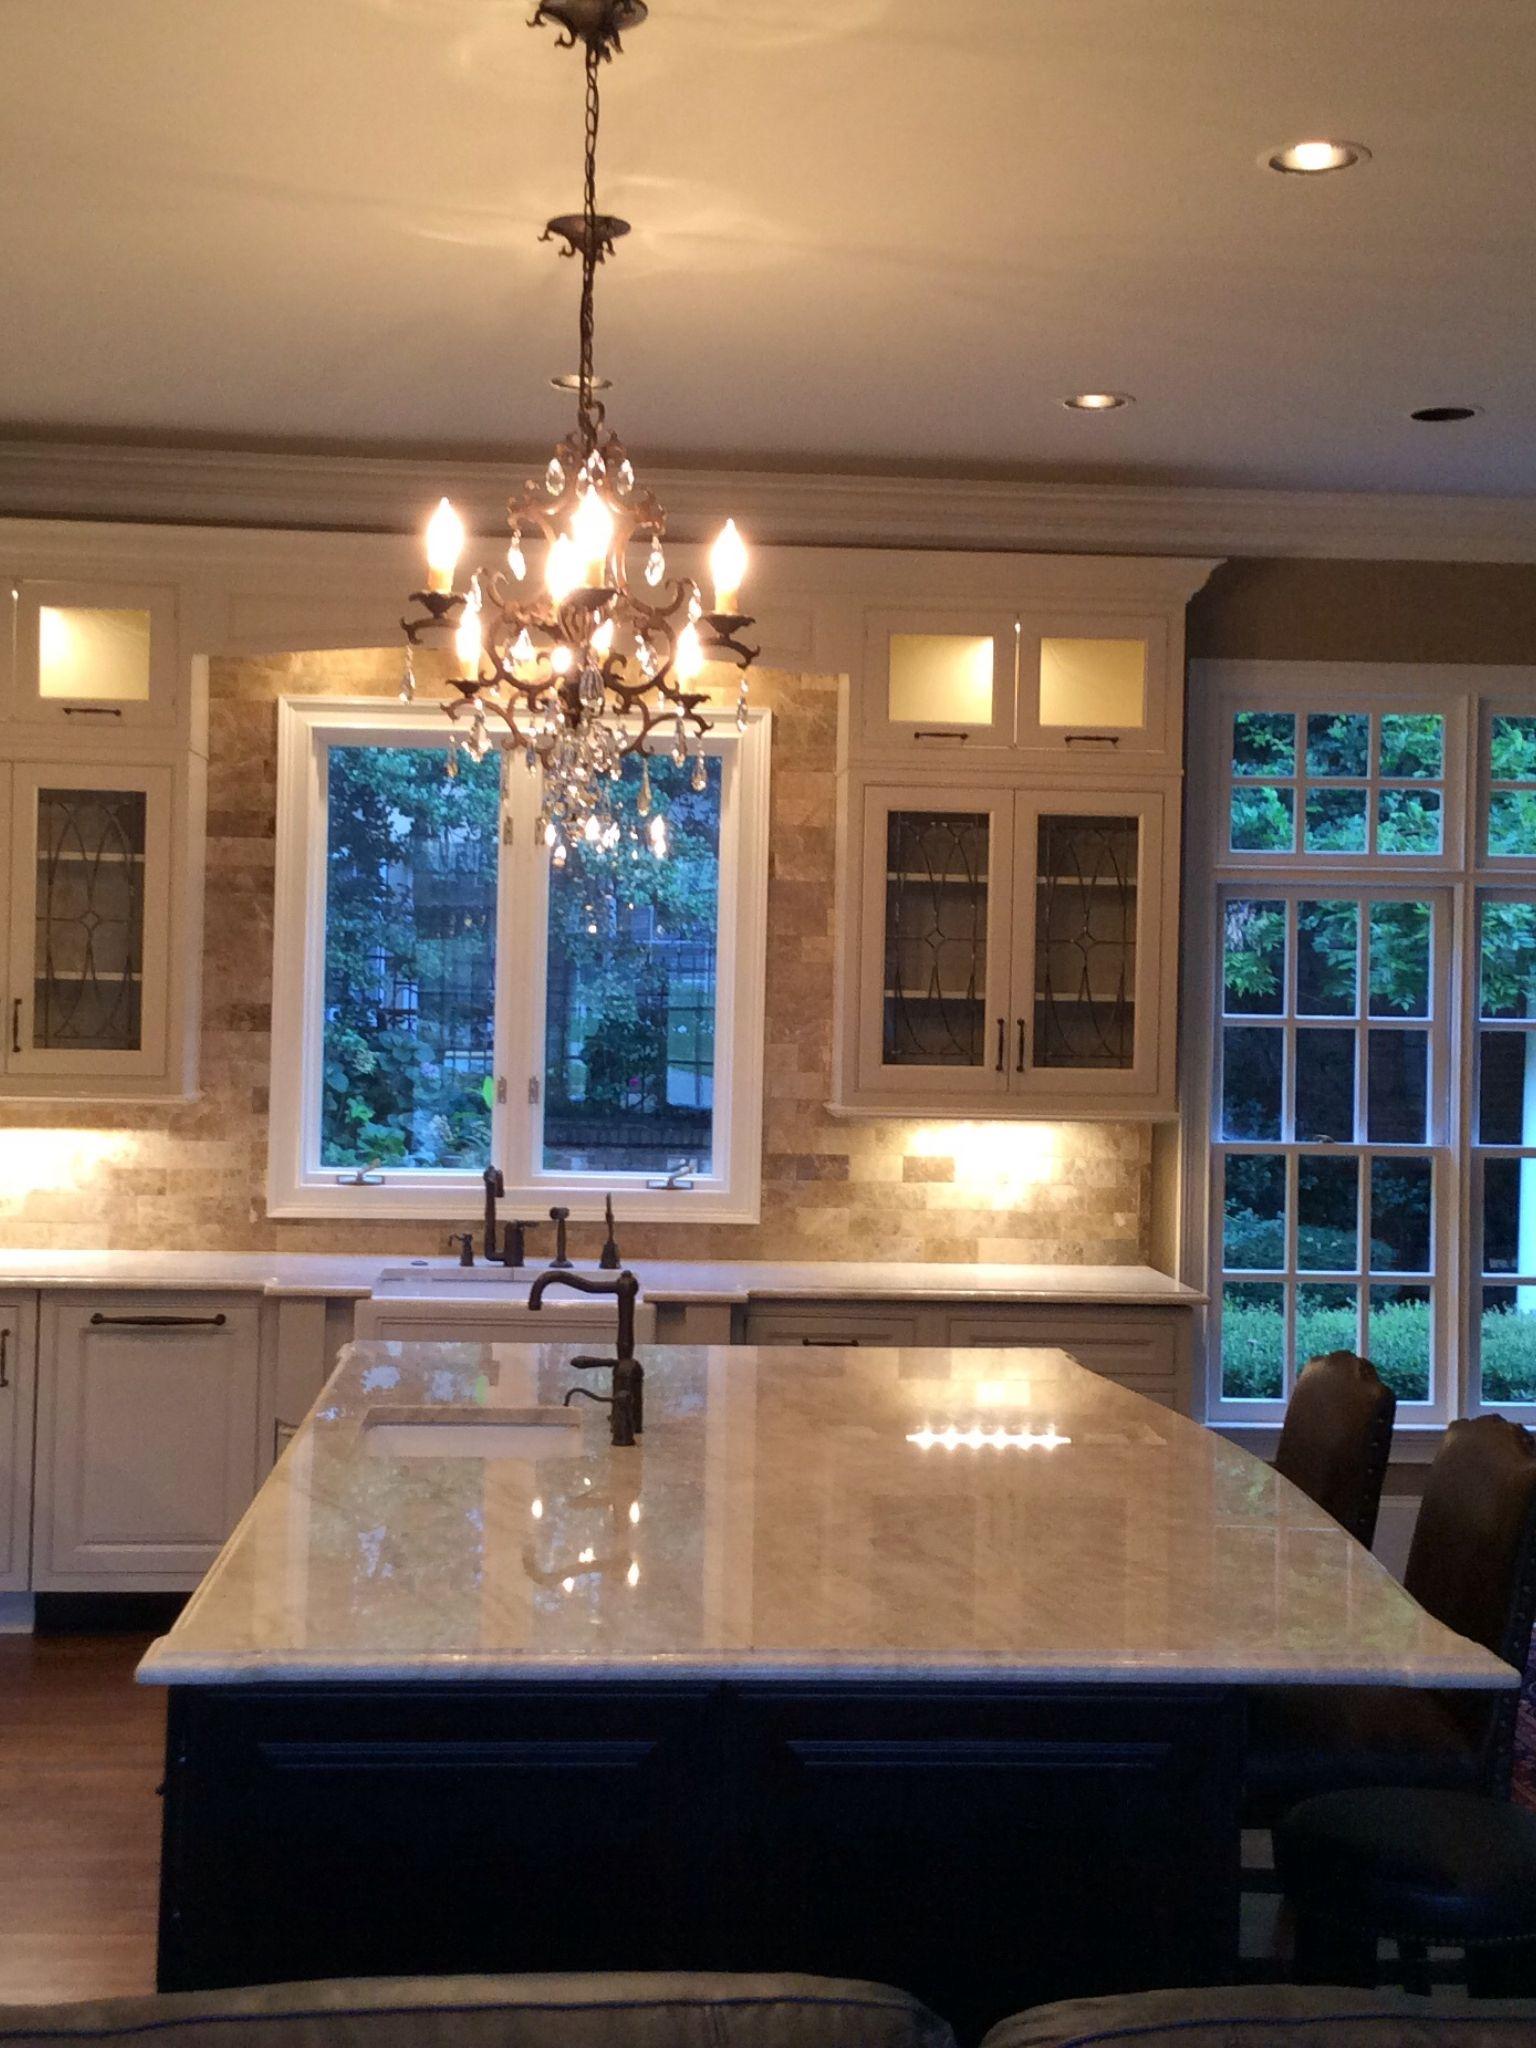 wellborn kitchen cabinets blender cream colored cabinets, taj mahal quartzite countertops ...